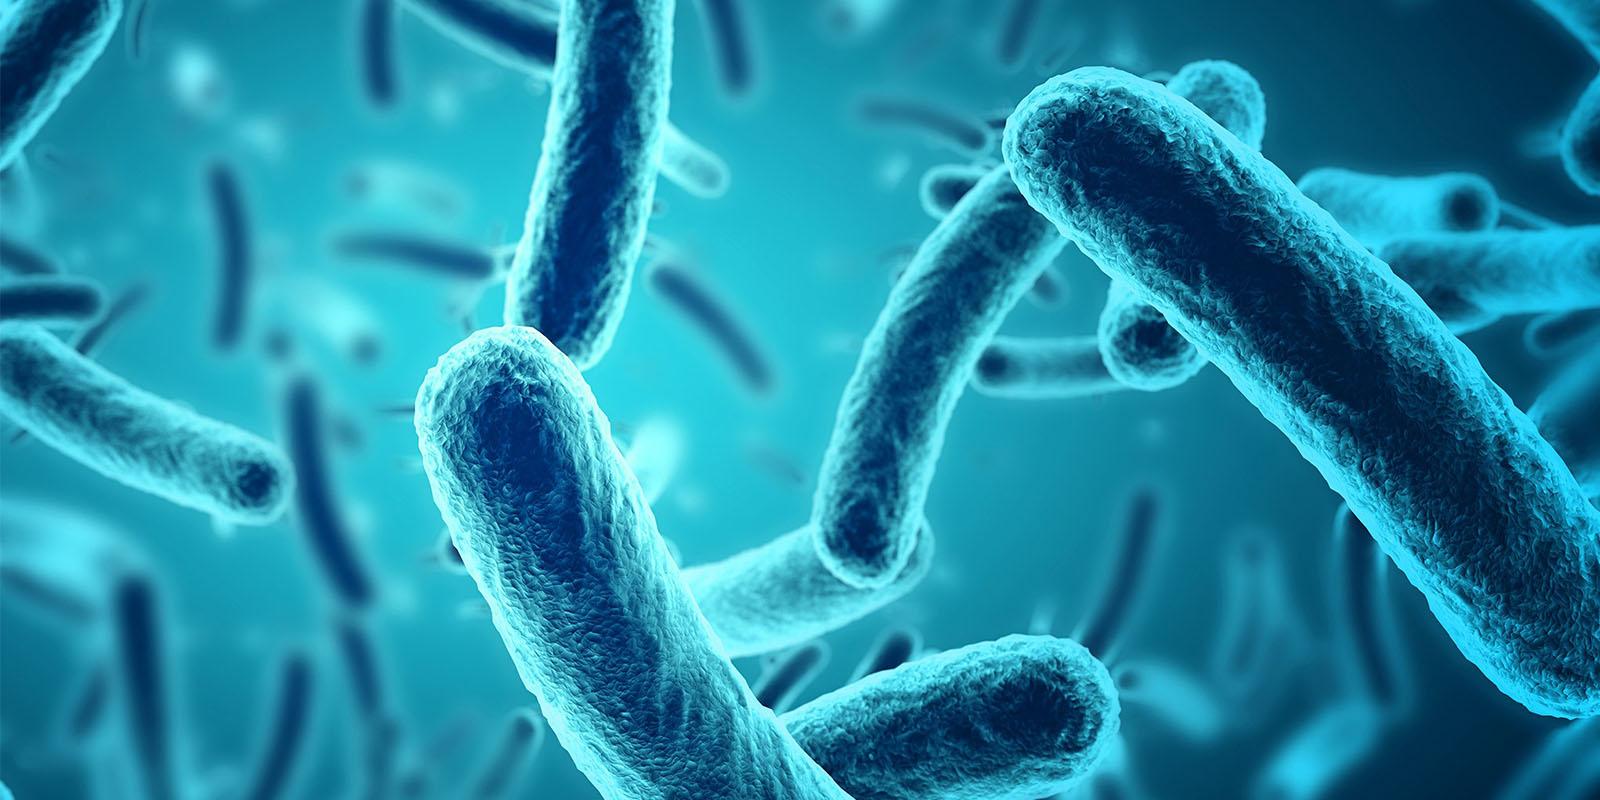 Antibiotic resistant E.coli bacteria